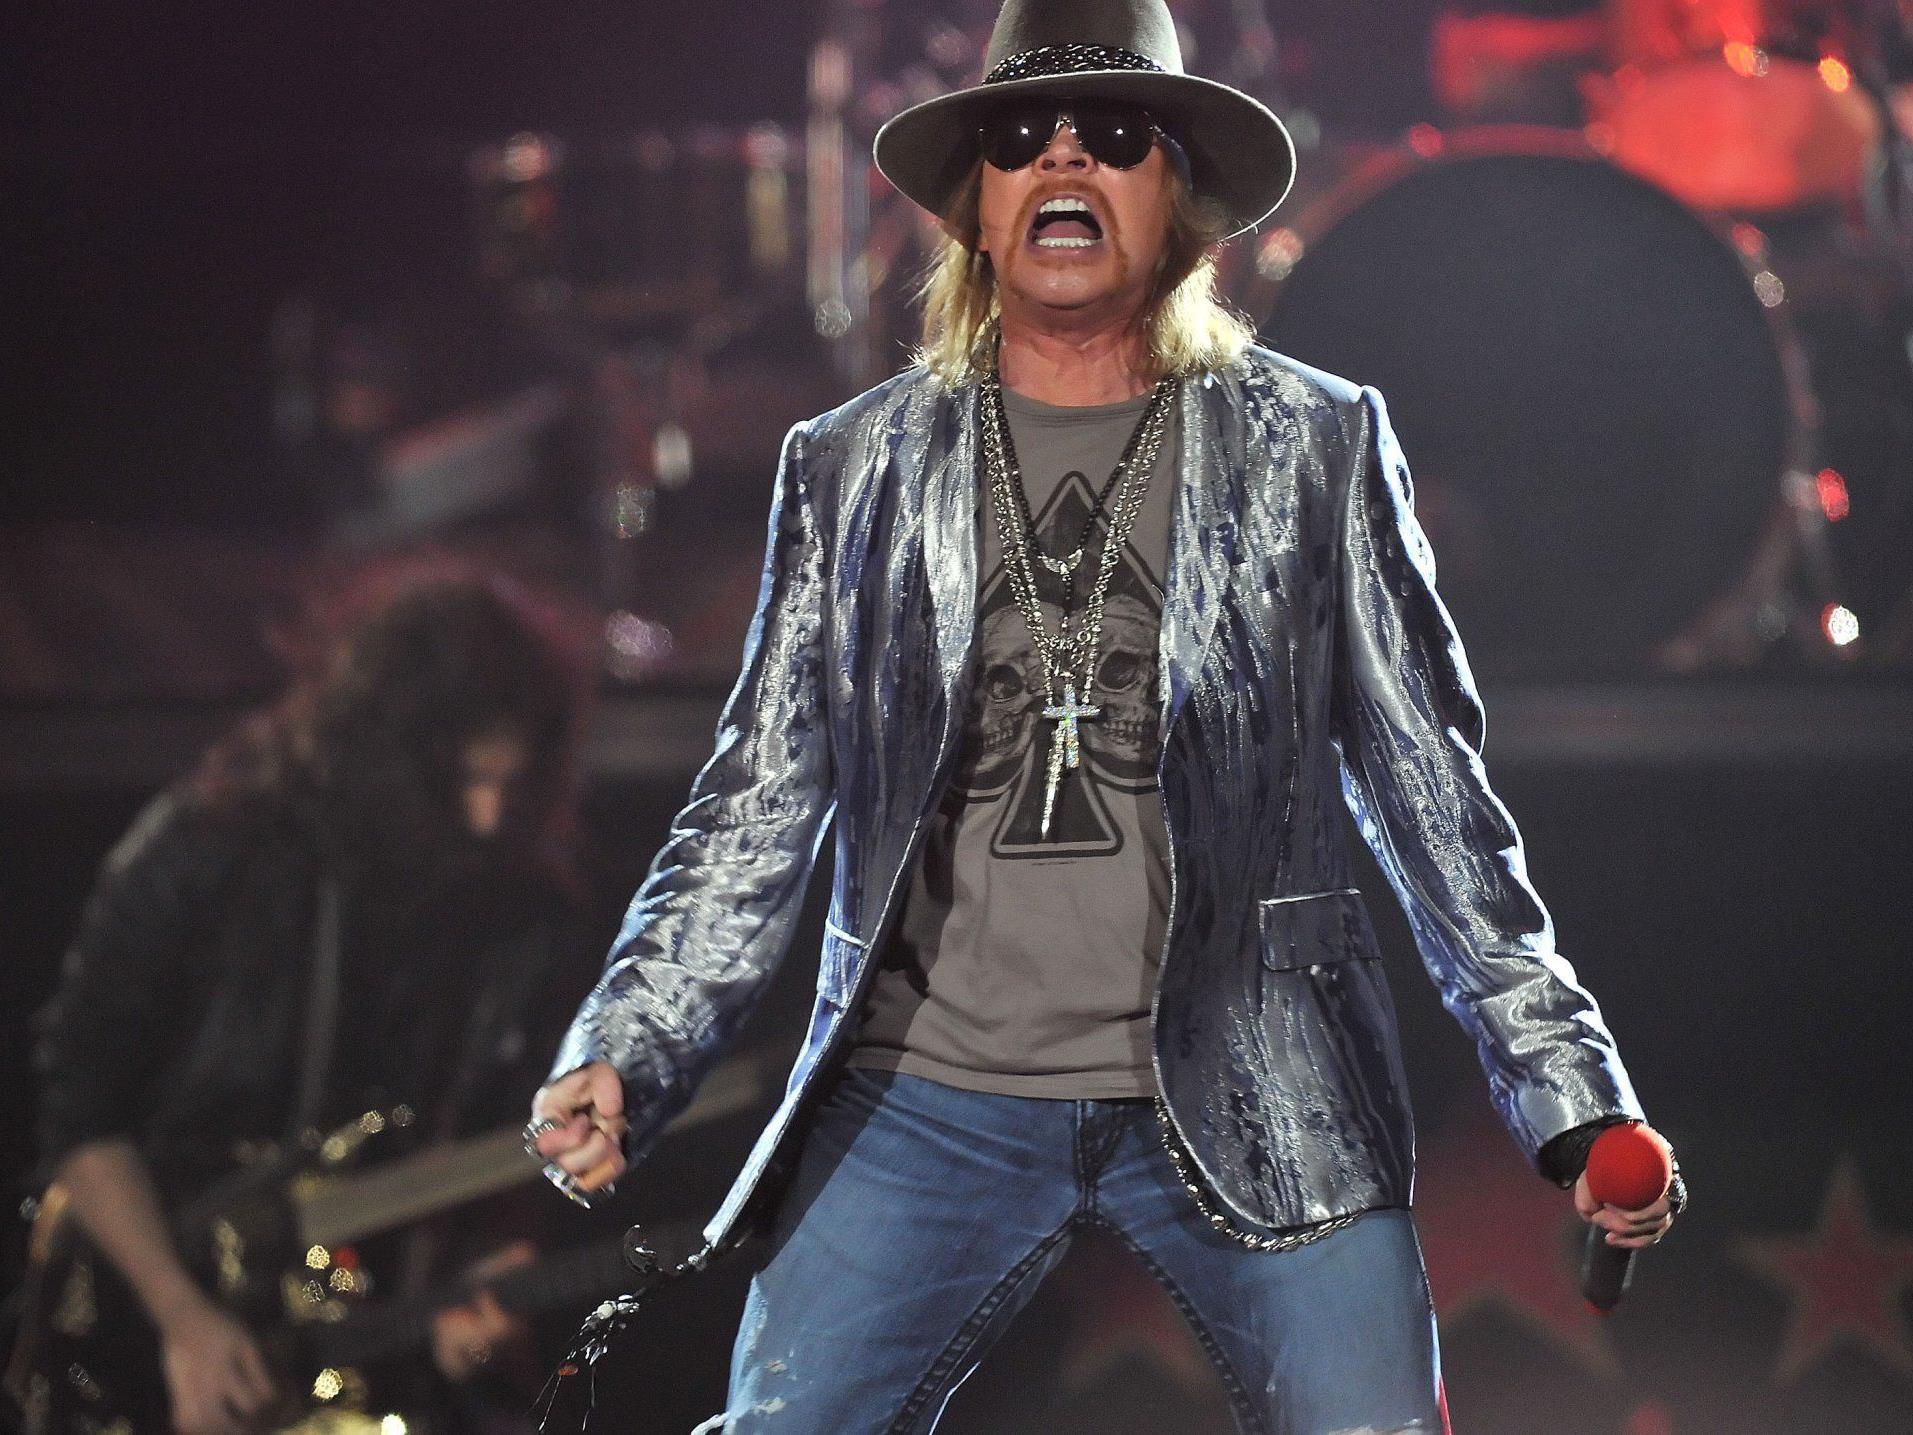 Kein gemeinsamer Auftritt der alten Hardrockband Guns N'Roses.